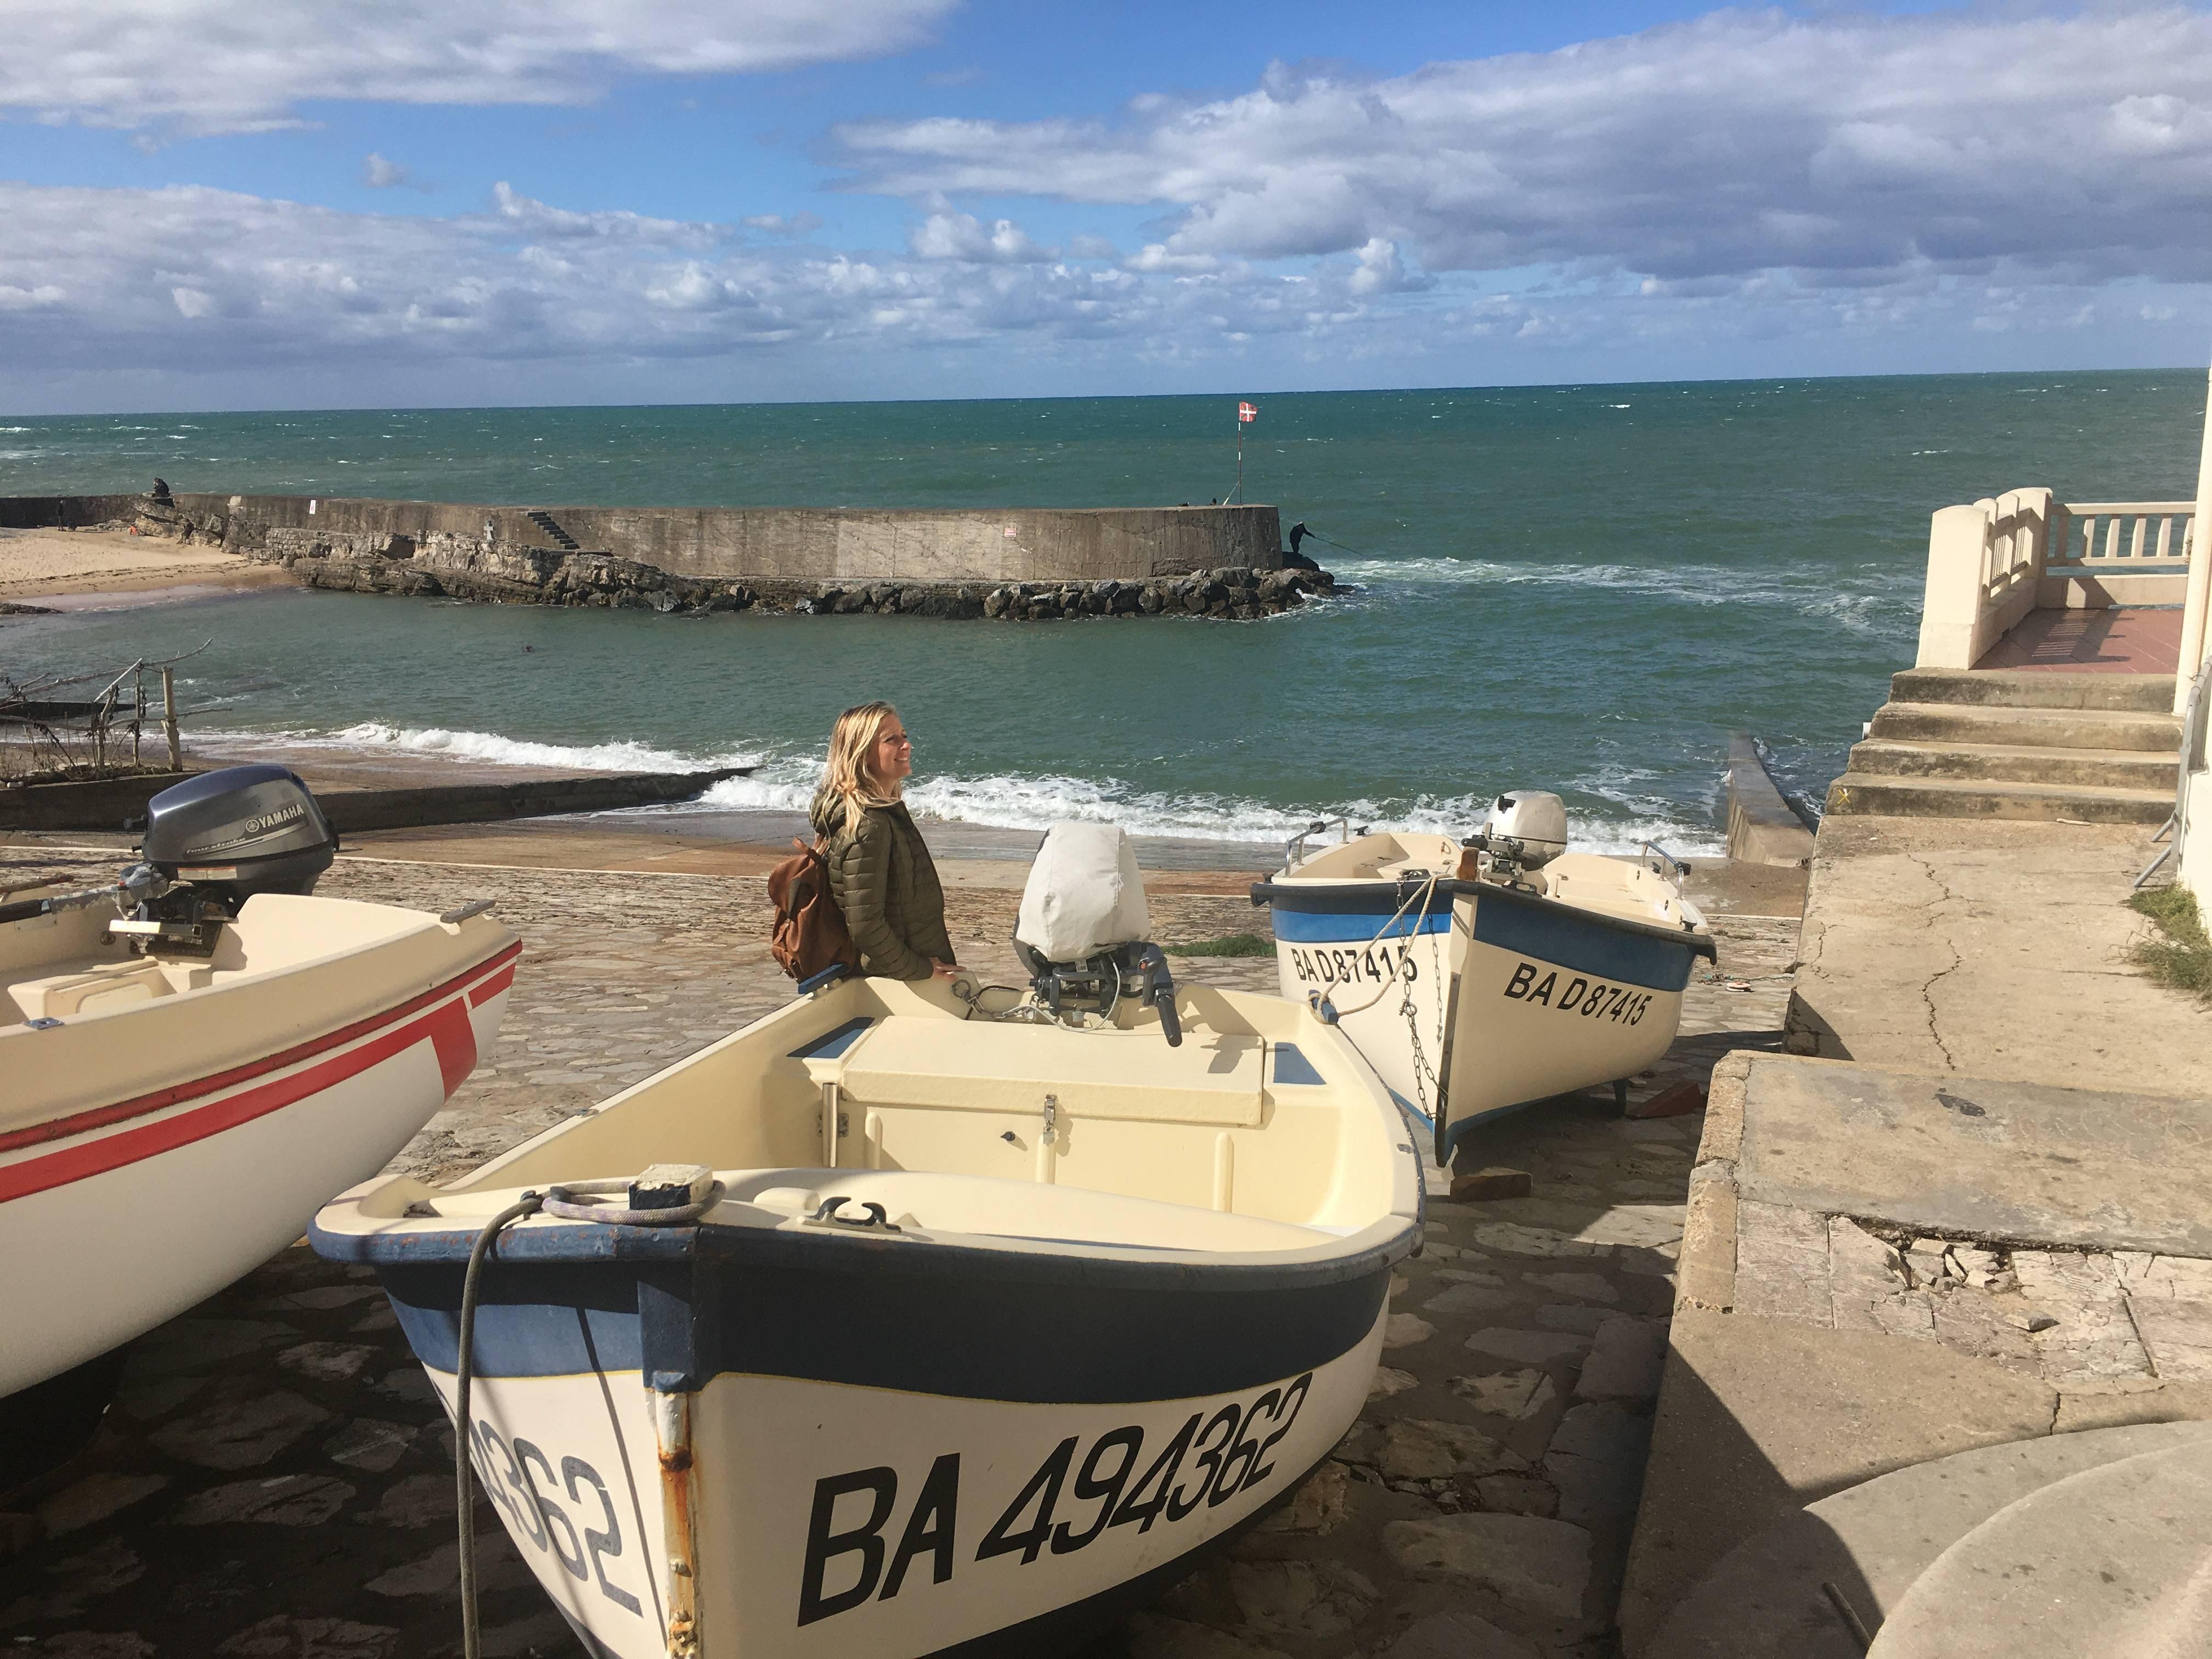 Photo 2: Balade à Bidart et Guéthary